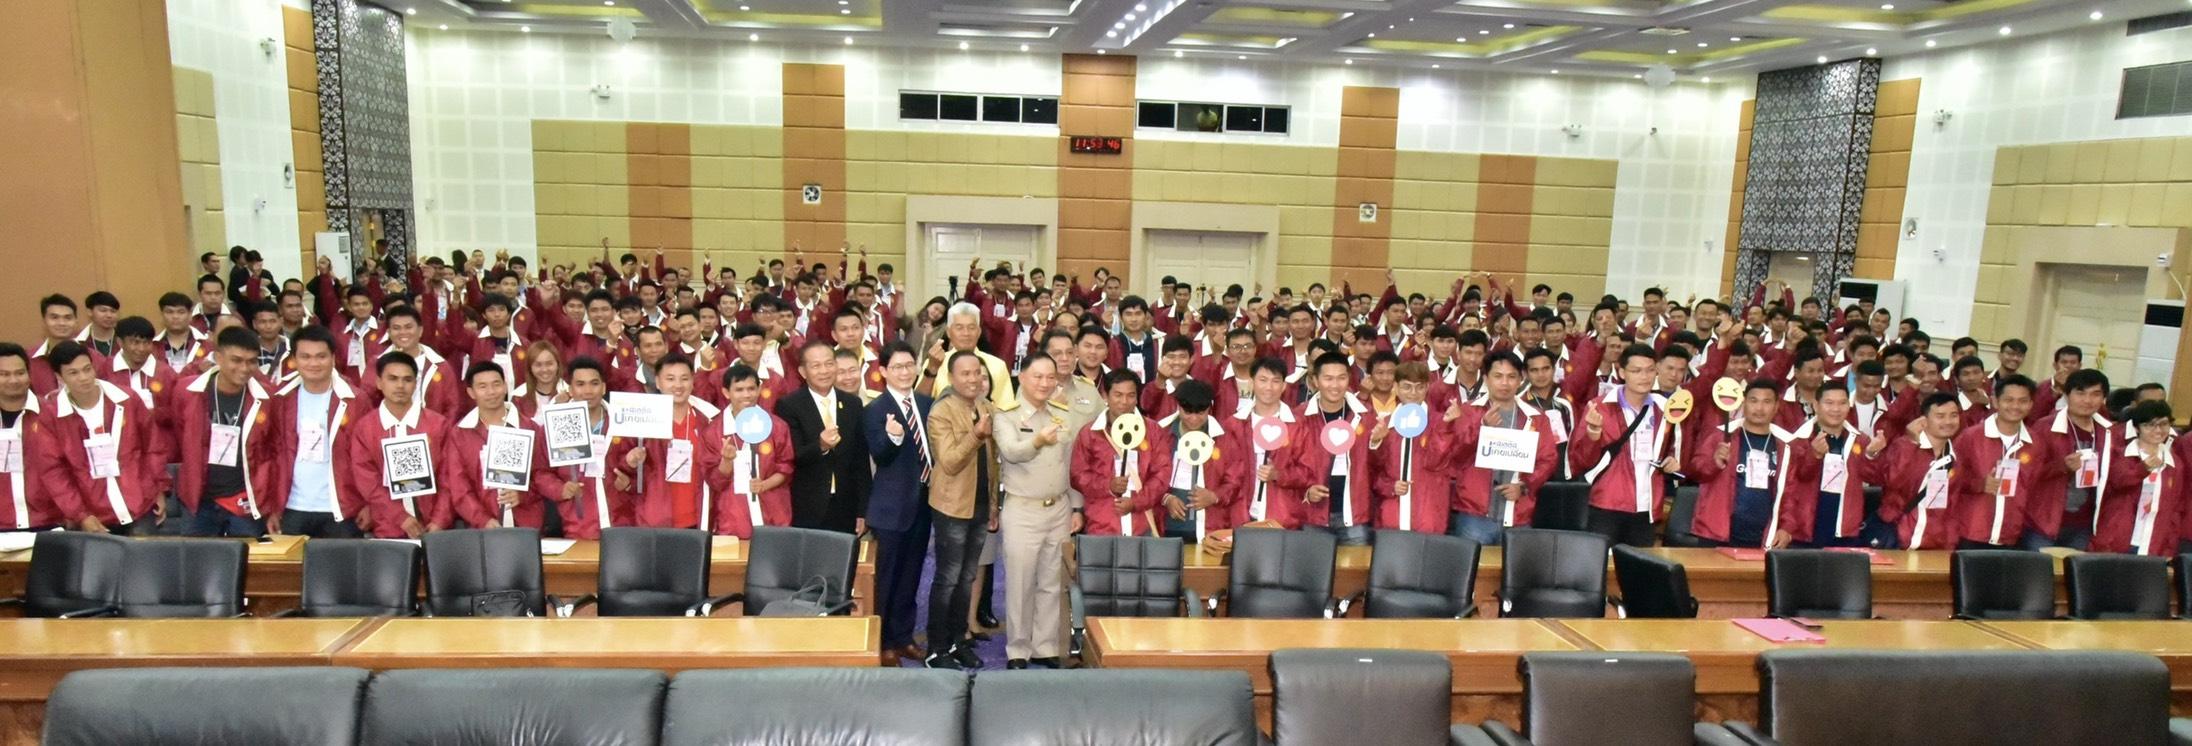 'รมว.อดุลย์' ให้โอวาทคนงานไทยไปเกาหลี แนะ...เก็บออม เก็บเกี่ยวประสบการณ์ วิธีการทำงาน กลับมาพัฒนาบ้านเกิด